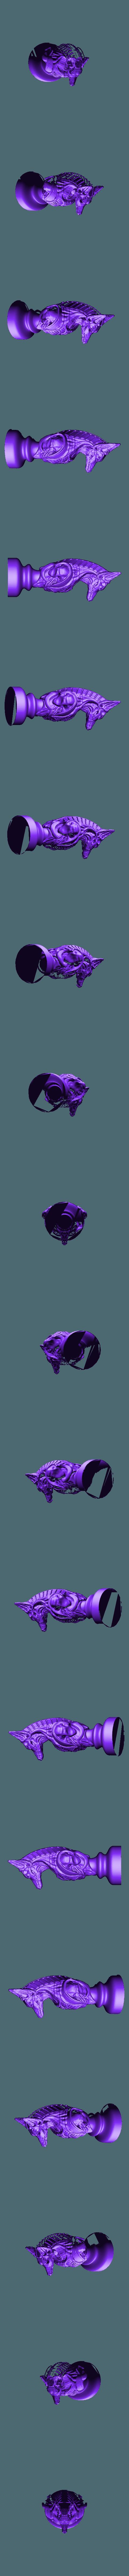 undead knight.stl Télécharger fichier STL gratuit Les échecs égyptiens : vivants ou morts • Modèle à imprimer en 3D, MartinHaurane